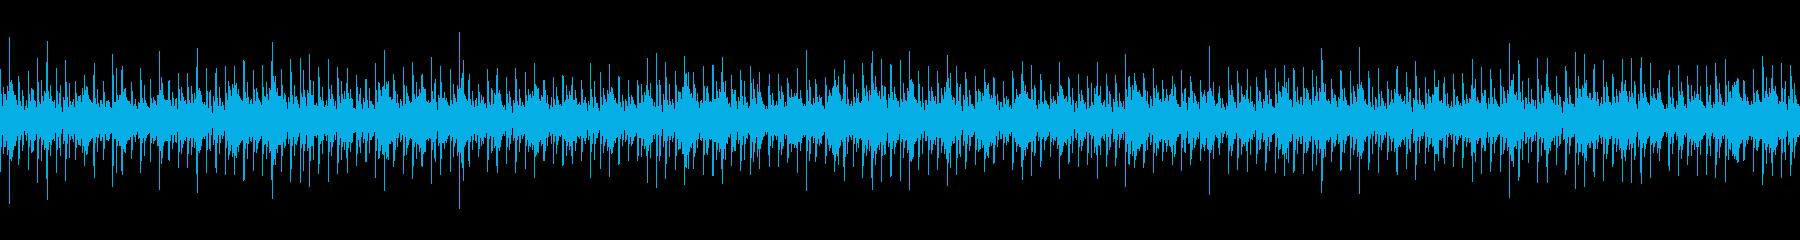 ニュース映像向けマリンバ&鉄琴・ループ可の再生済みの波形